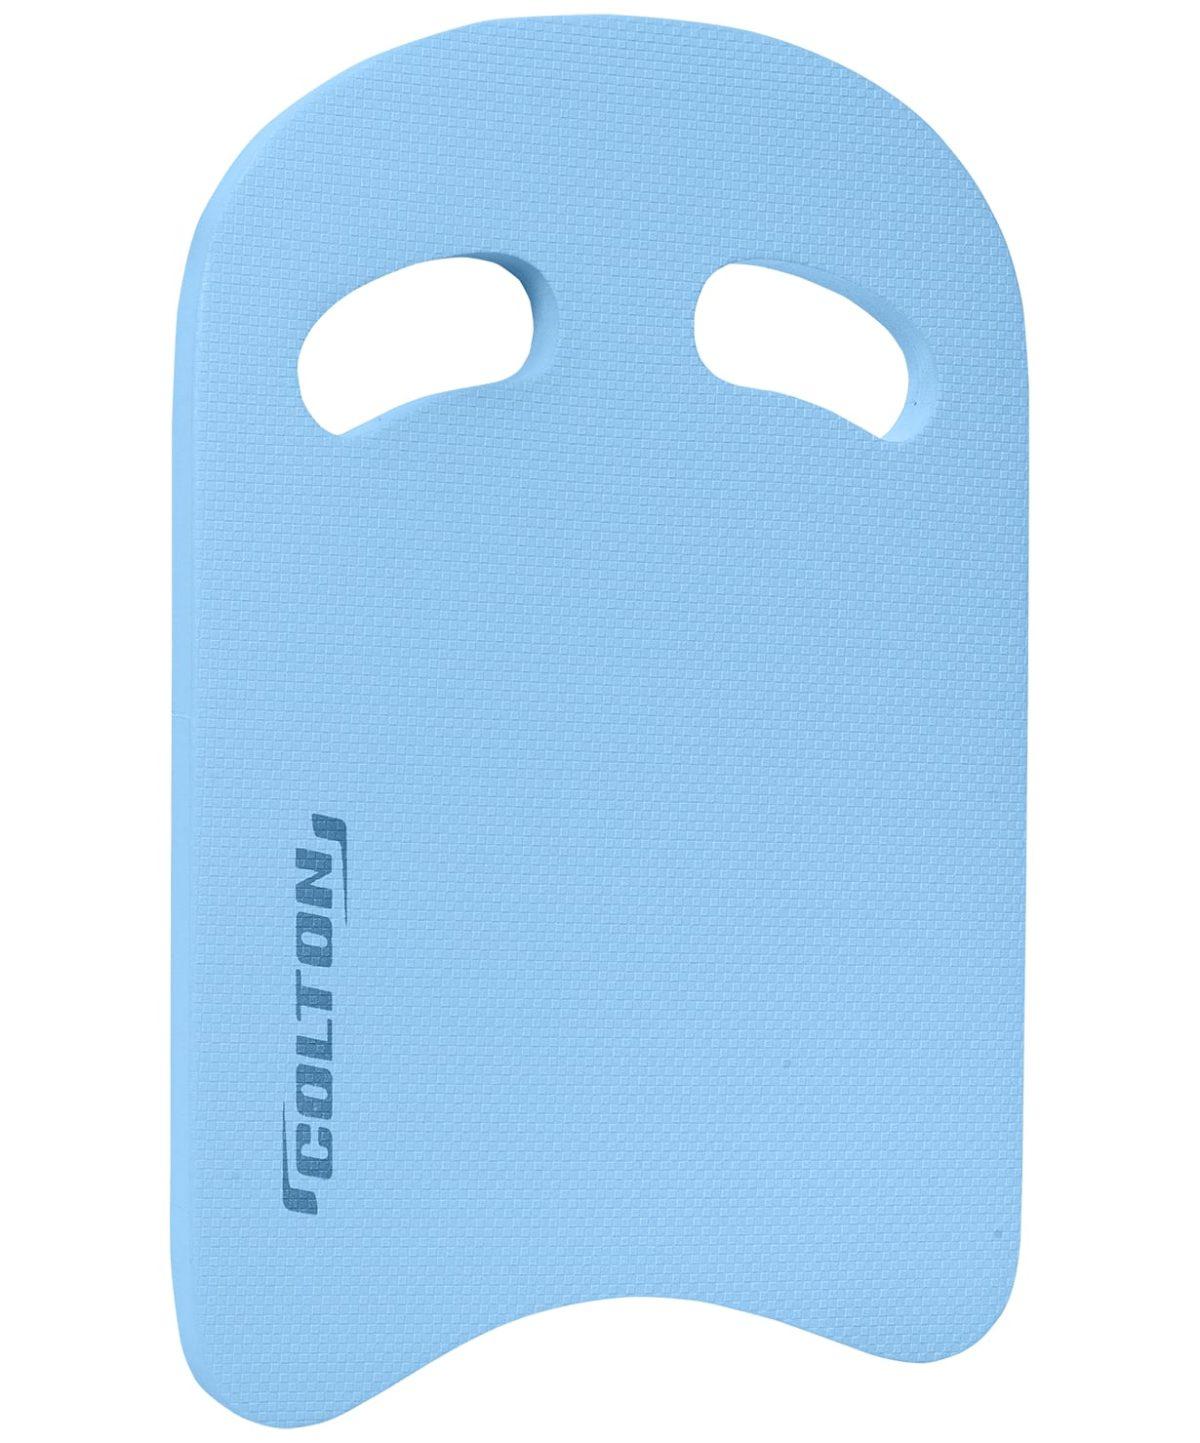 COLTON Доска для плавания  SB-101: голубой - 1